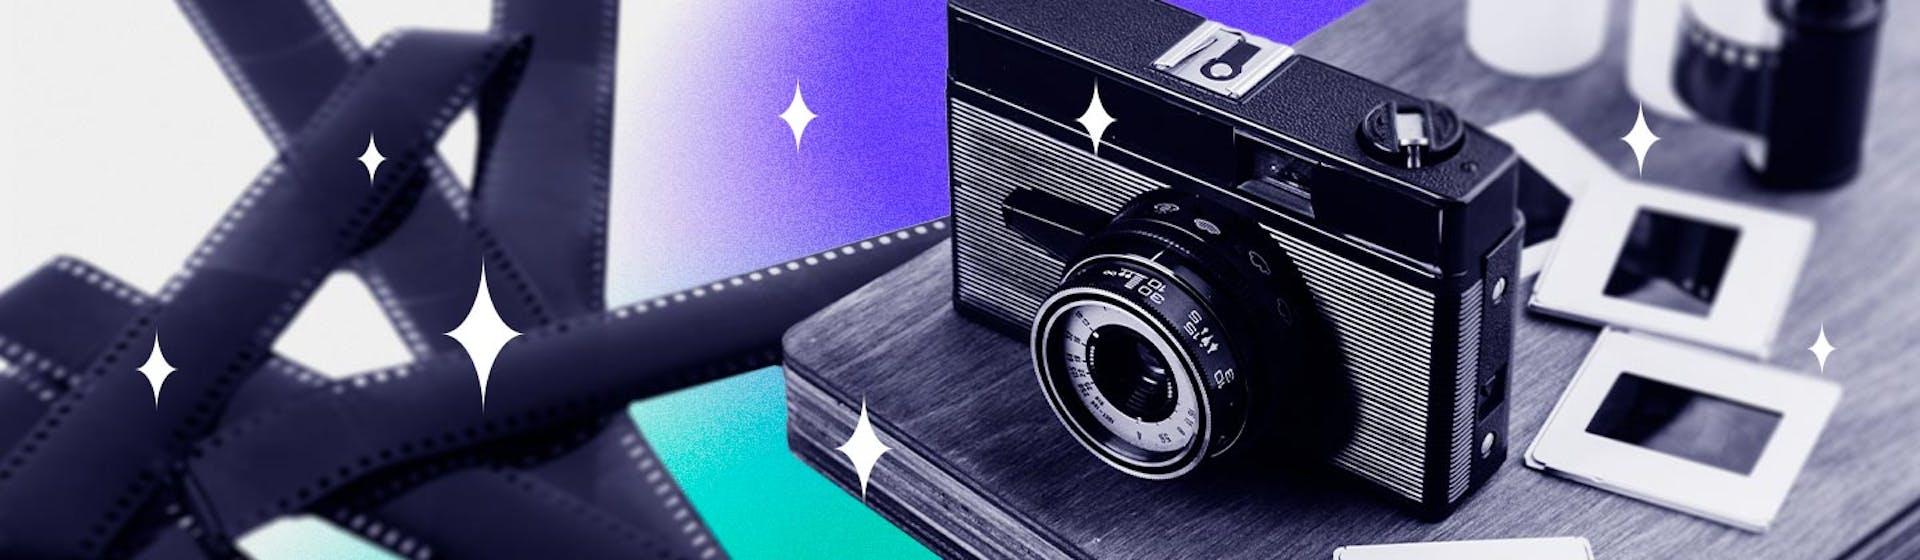 ¿Un escáner de negativos en tu celular? Descubre este y otros trucos para digitalizar rollos fotográficos